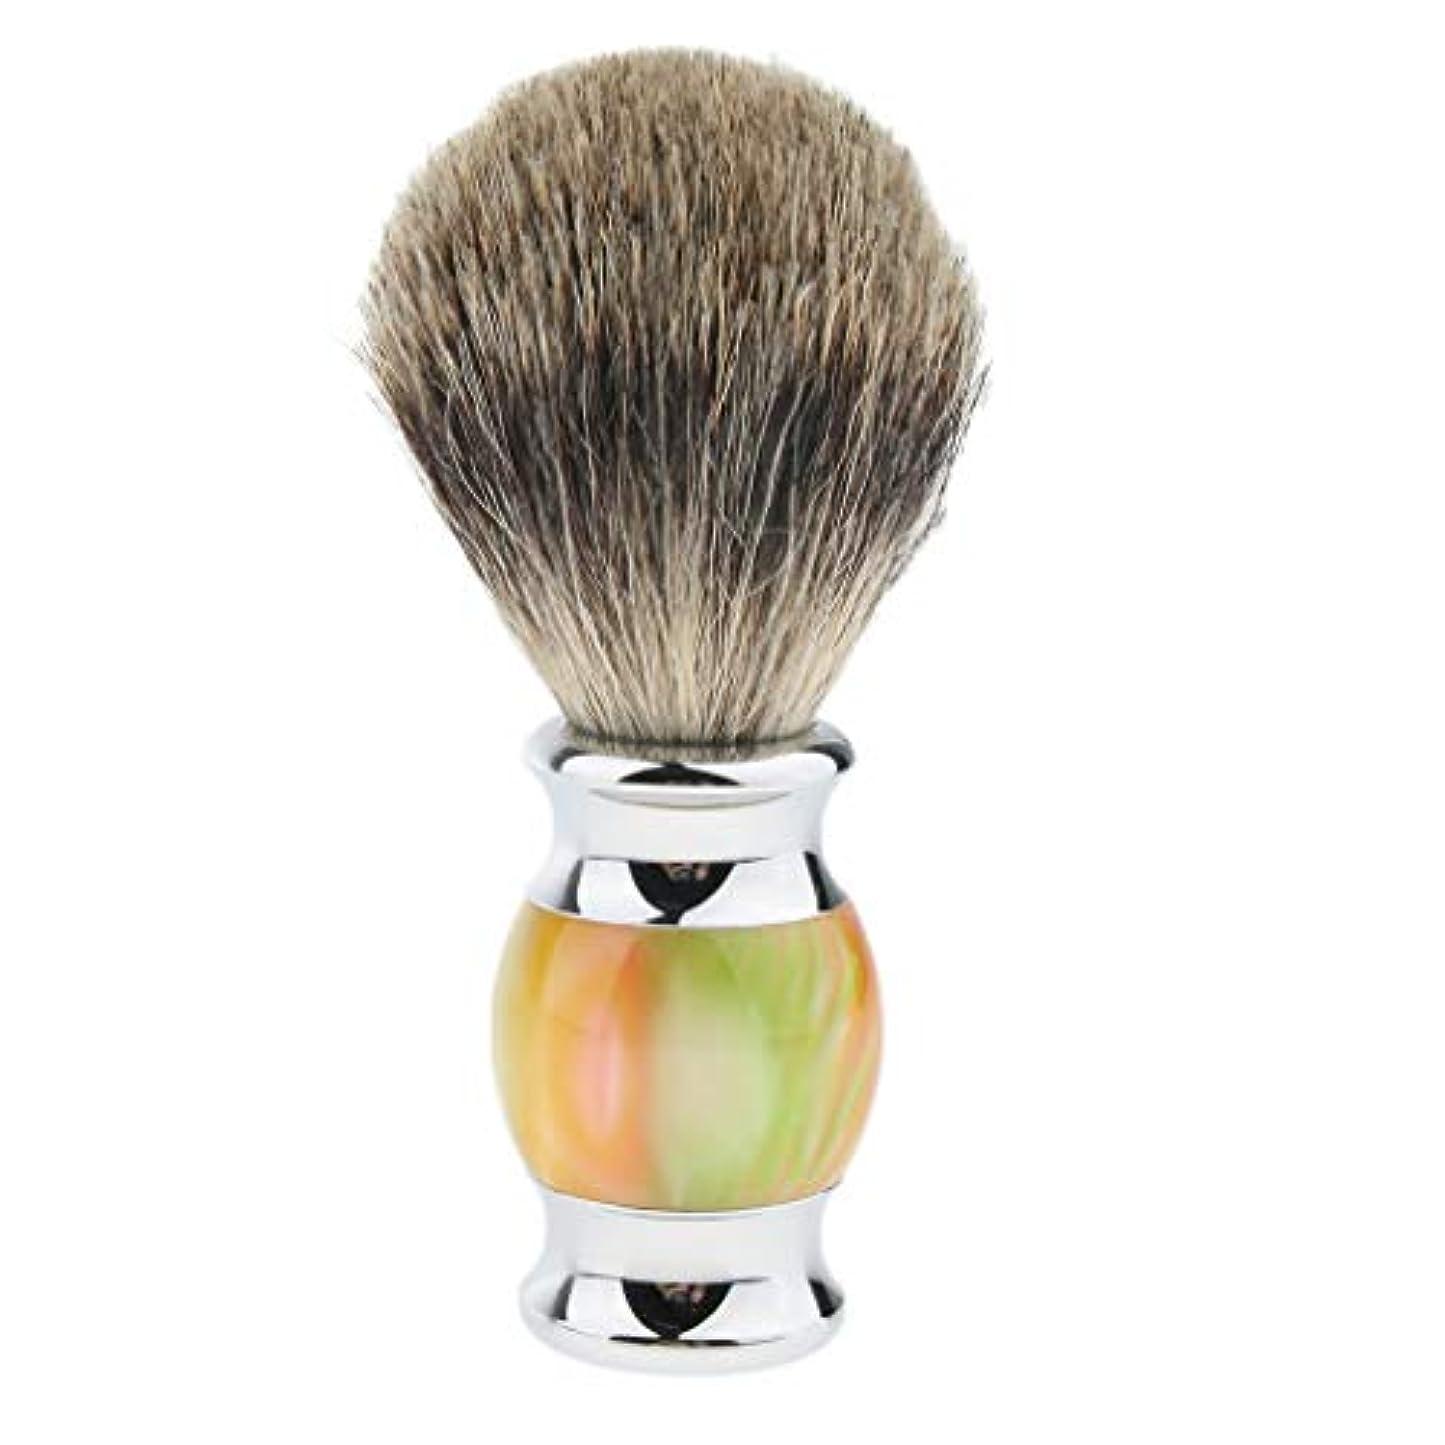 破滅的なグリーンランド秋Hellery ひげブラシ シェービング ブラシ メンズ 理容 洗顔 髭剃り 泡立ち 多色選べ - 01